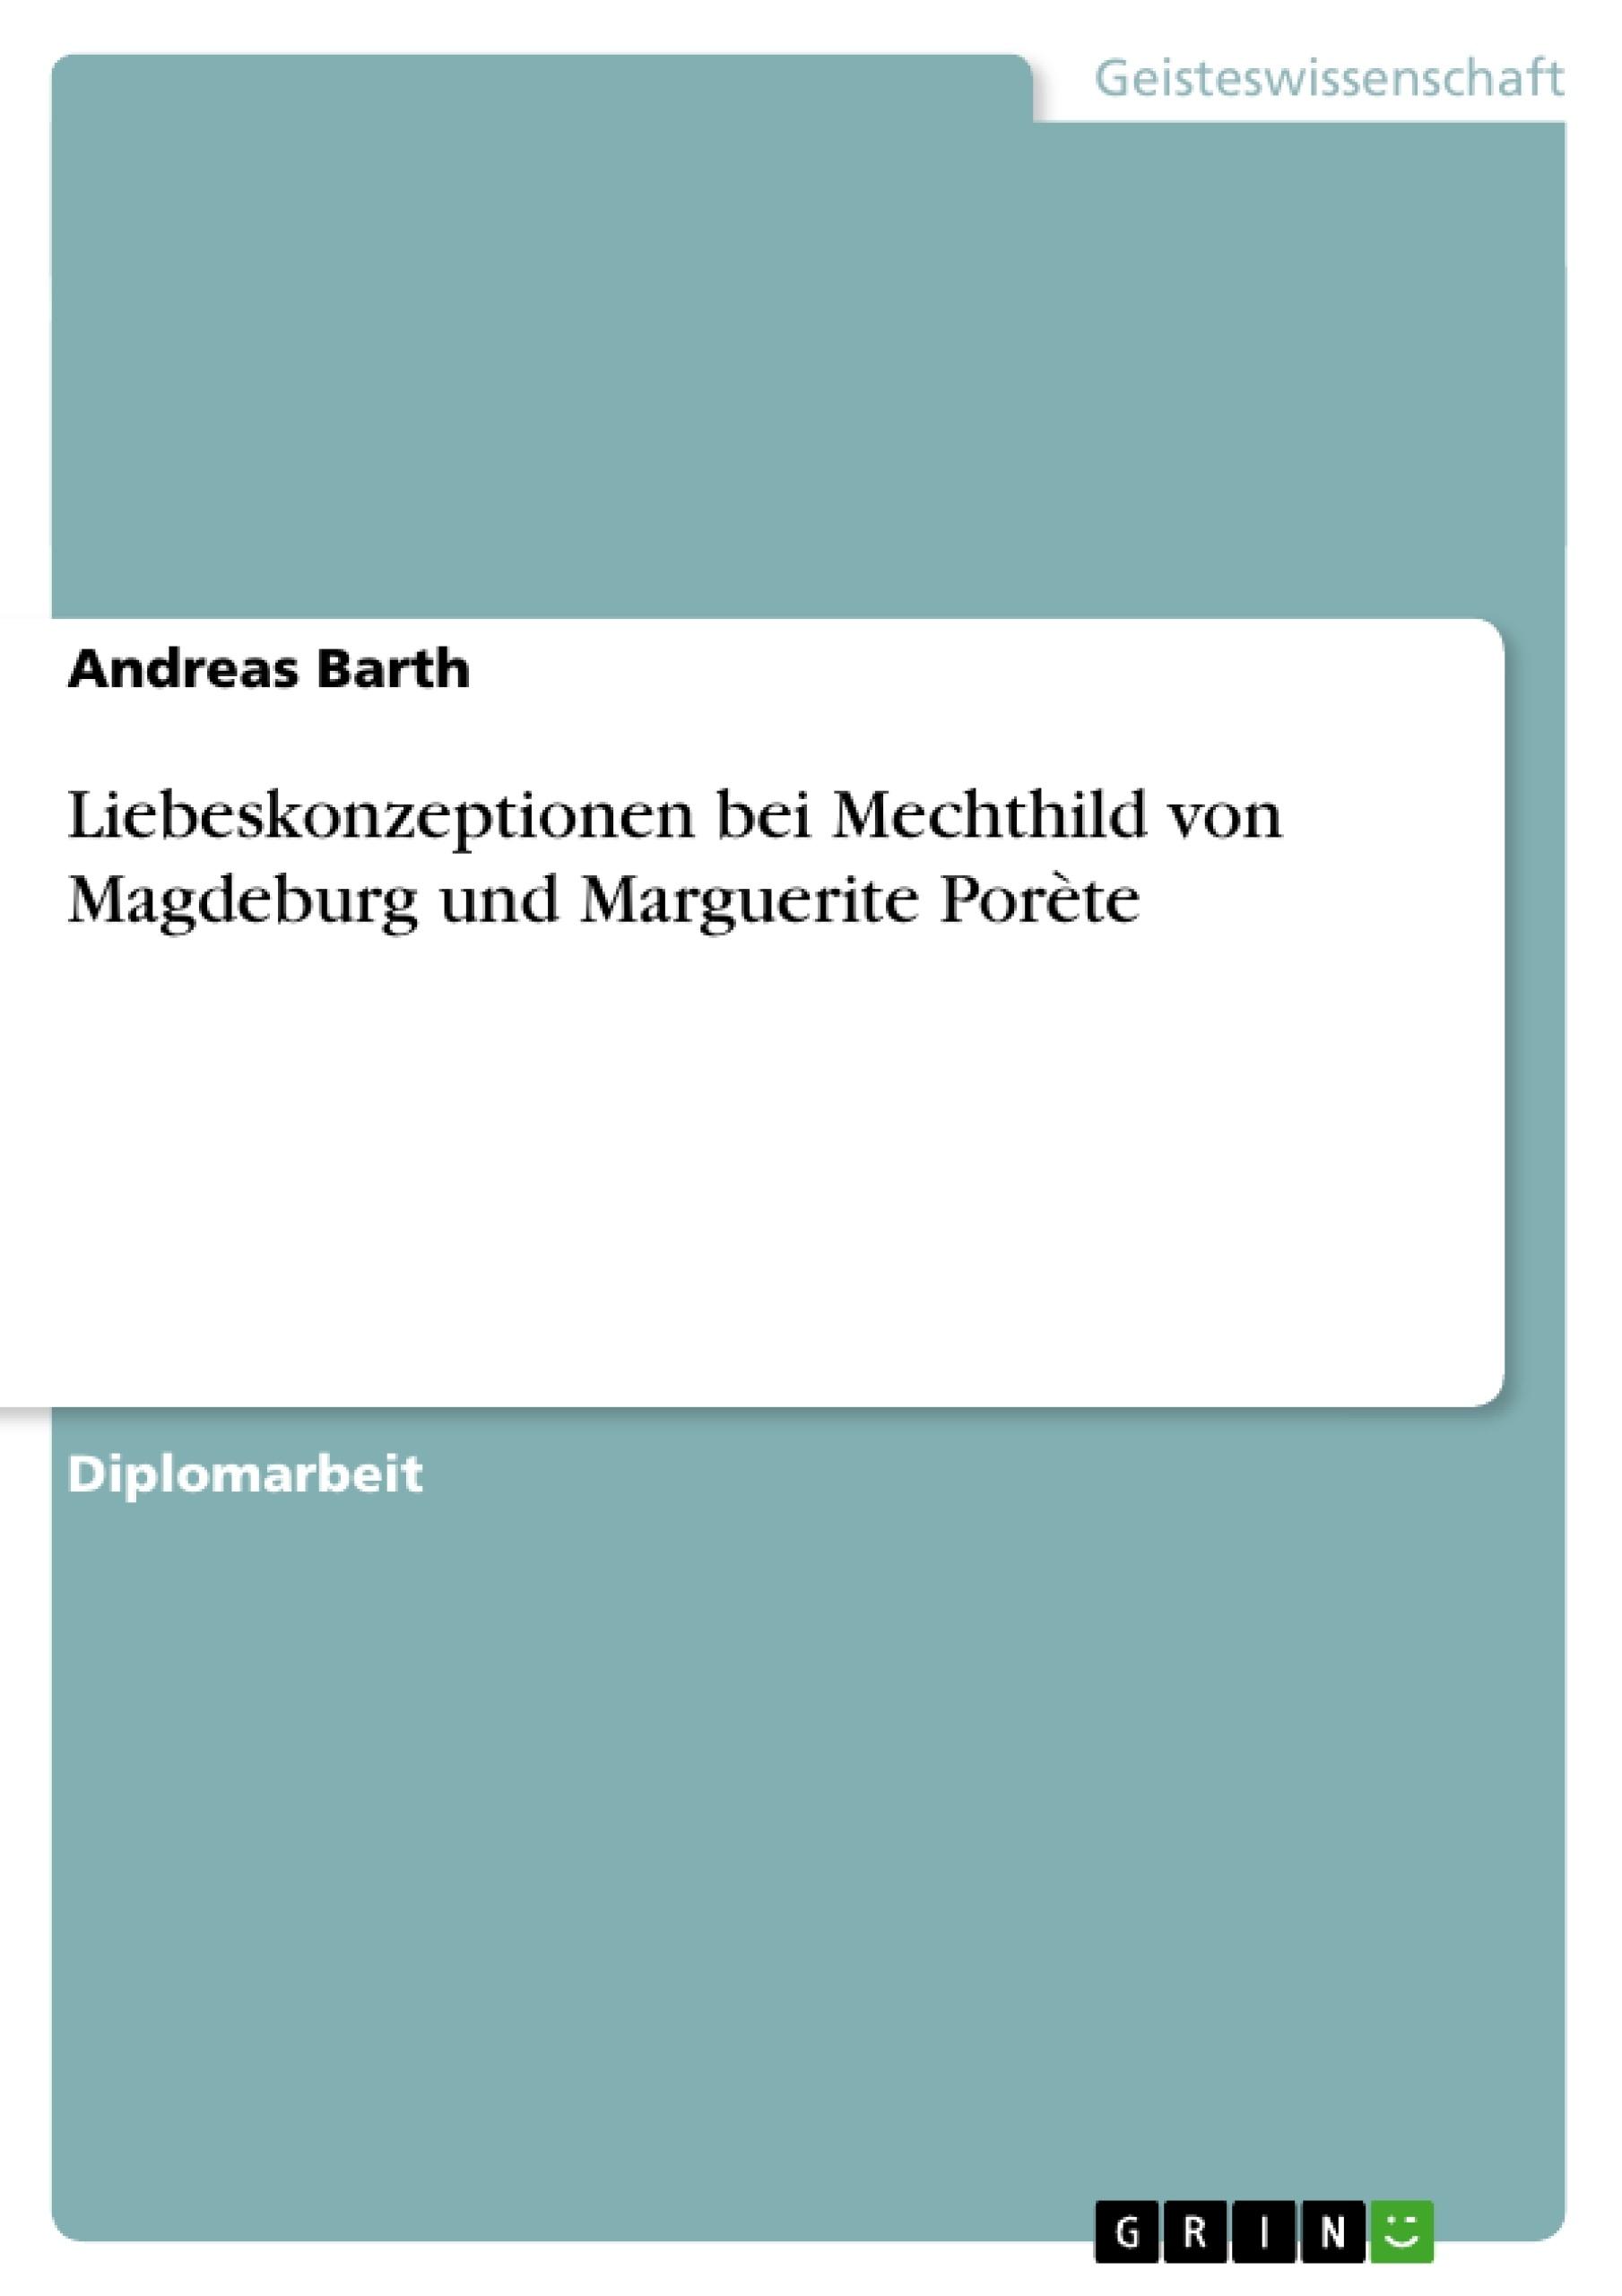 Titel: Liebeskonzeptionen bei Mechthild von Magdeburg und Marguerite Porète